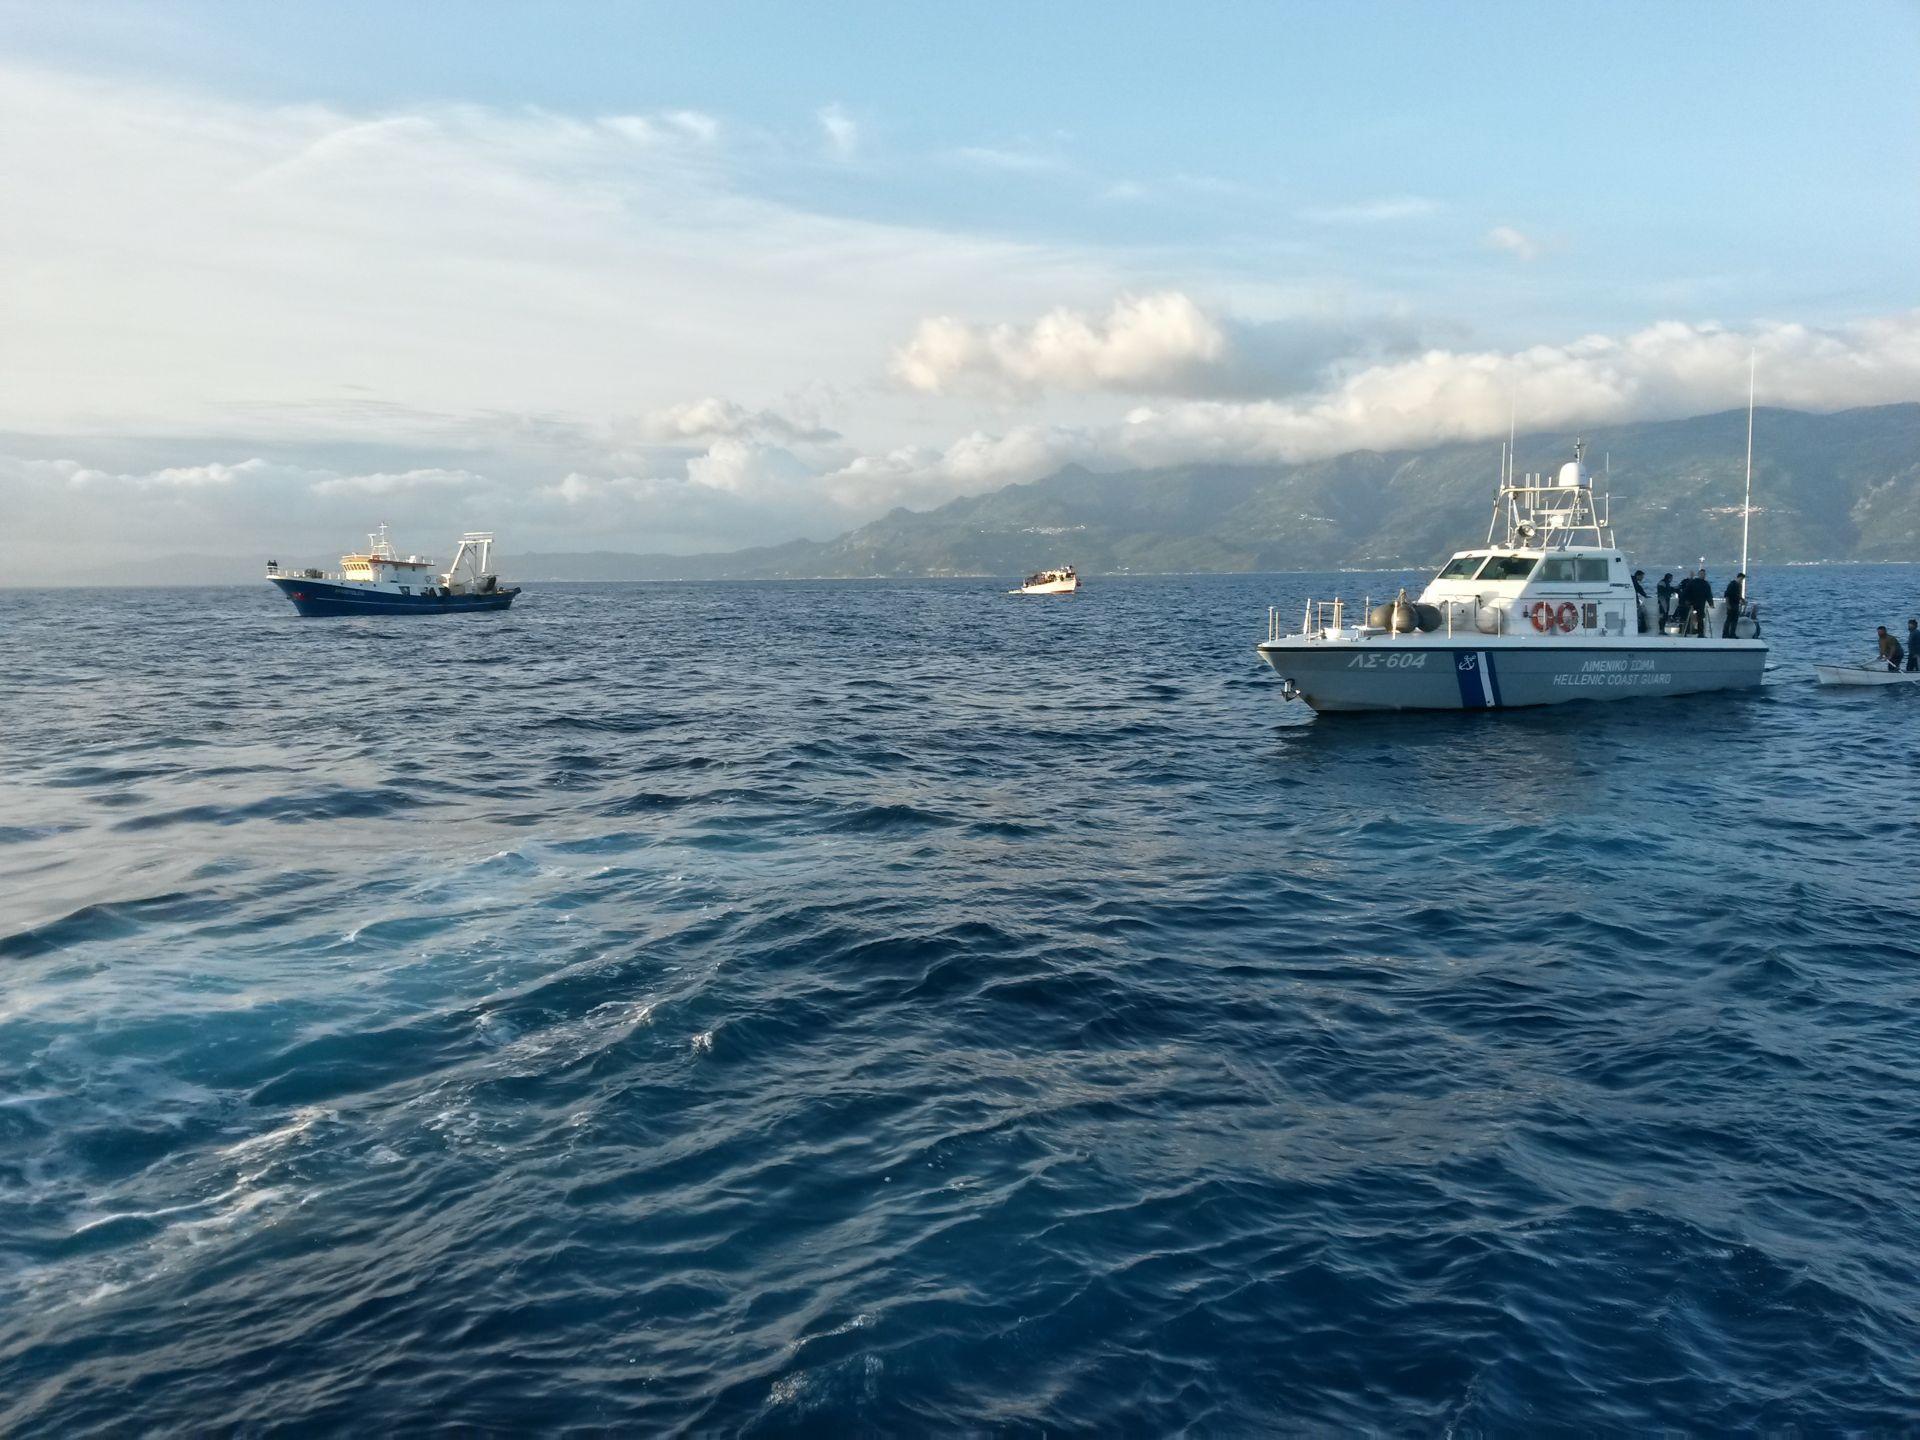 Πάνω από ένα τόνο κάνναβη στον Μεσσηνιακό Κόλπο – Μεγάλη επιχείρηση του Λιμενικού